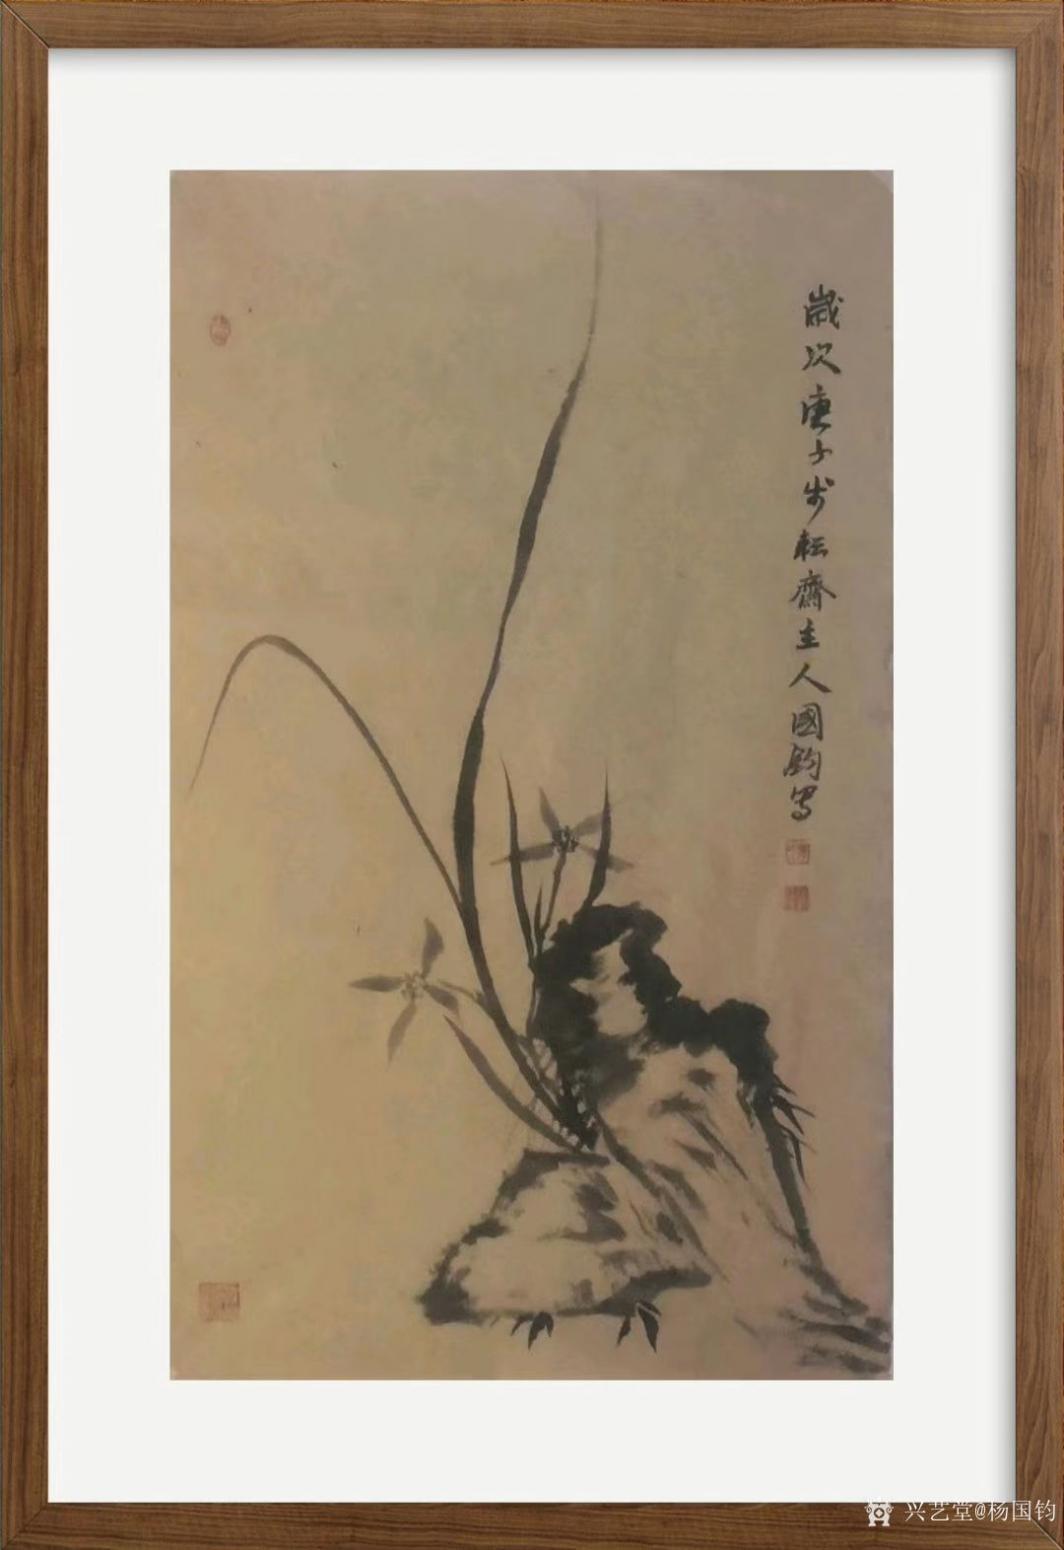 杨国钧国画作品《小写意》